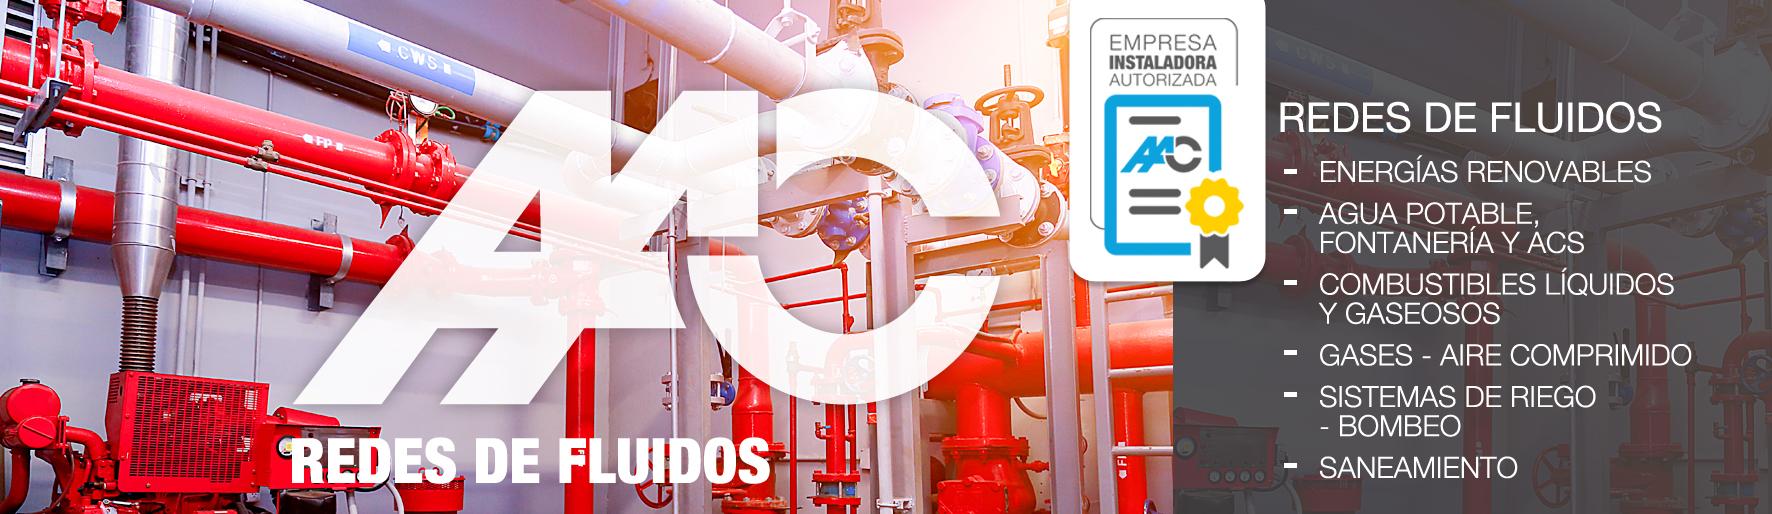 Almeida instalaciones y contrucción-REDES DE FLUIDOS